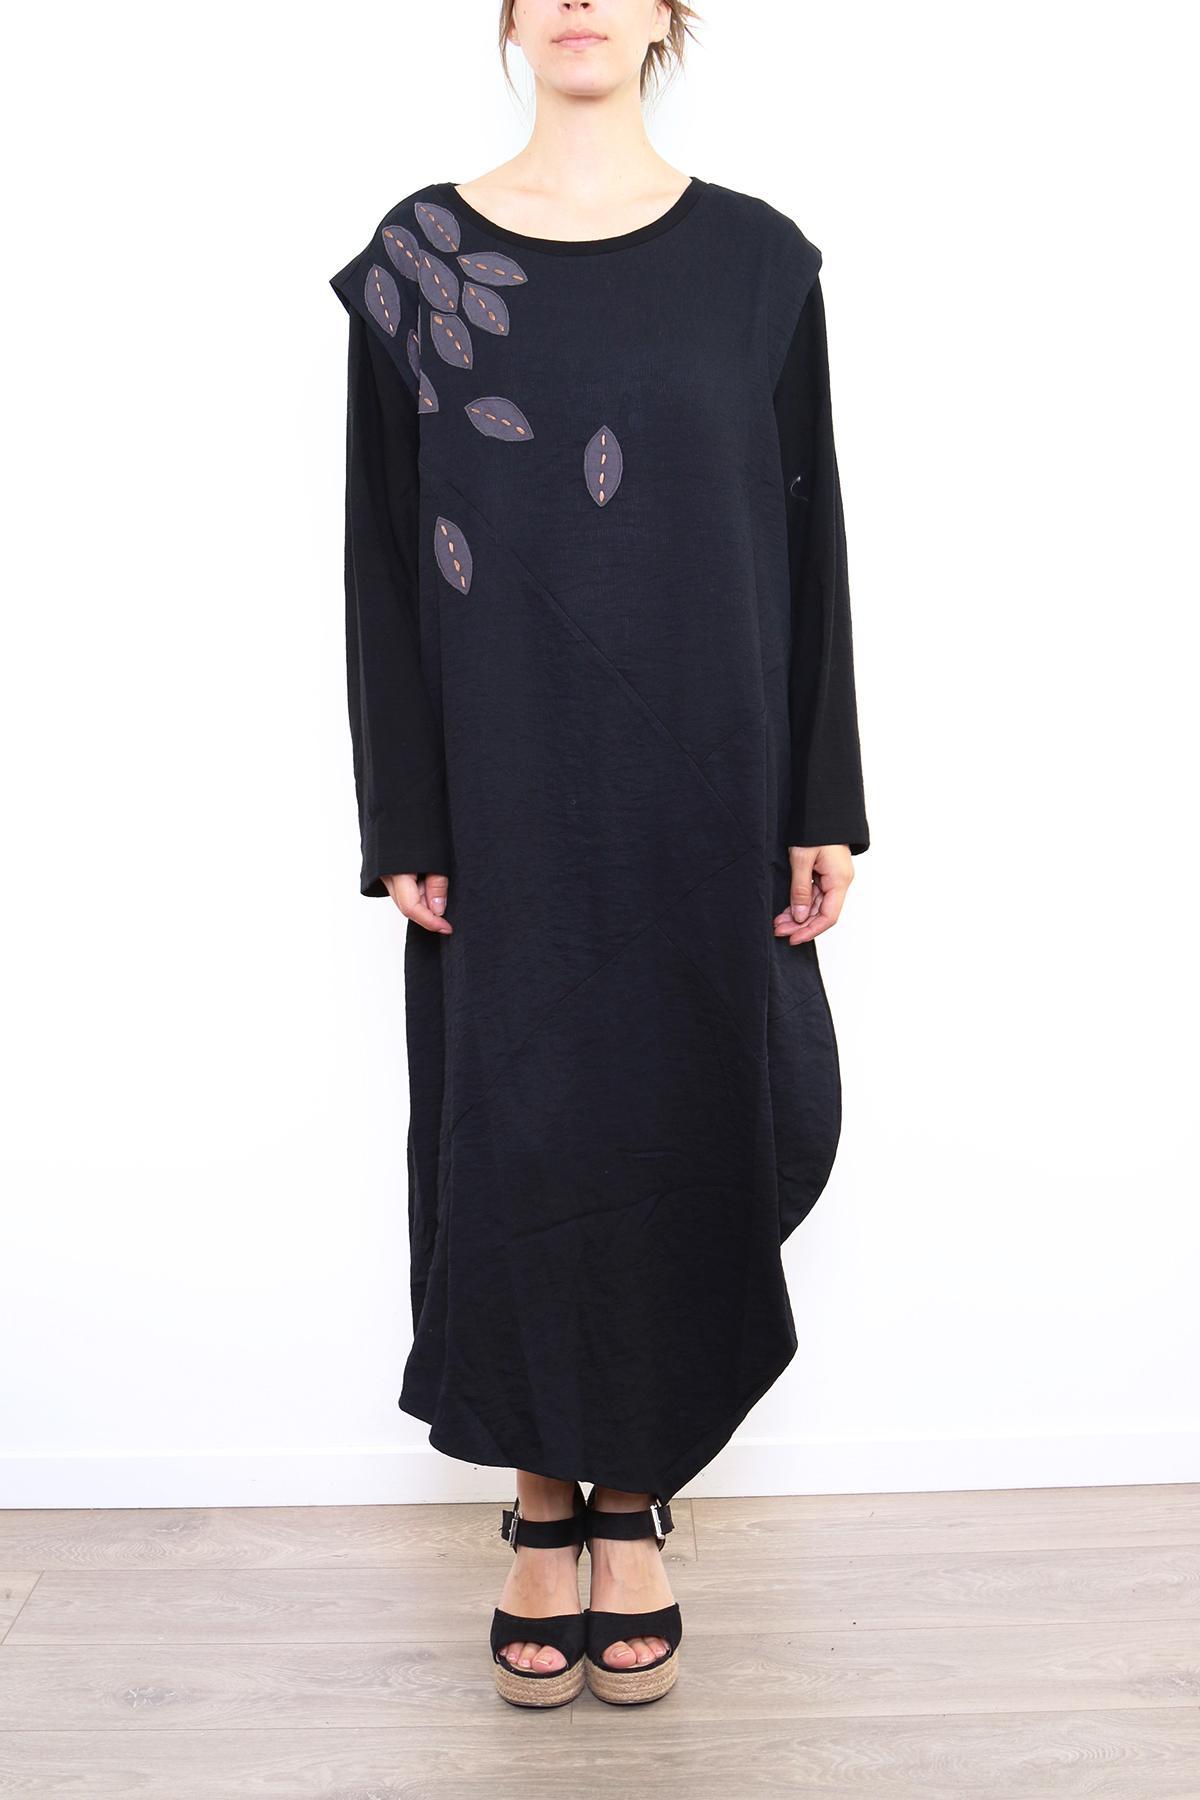 Robes longues Femme Noir C FAIT POUR VOUS Y5012 #c eFashion Paris